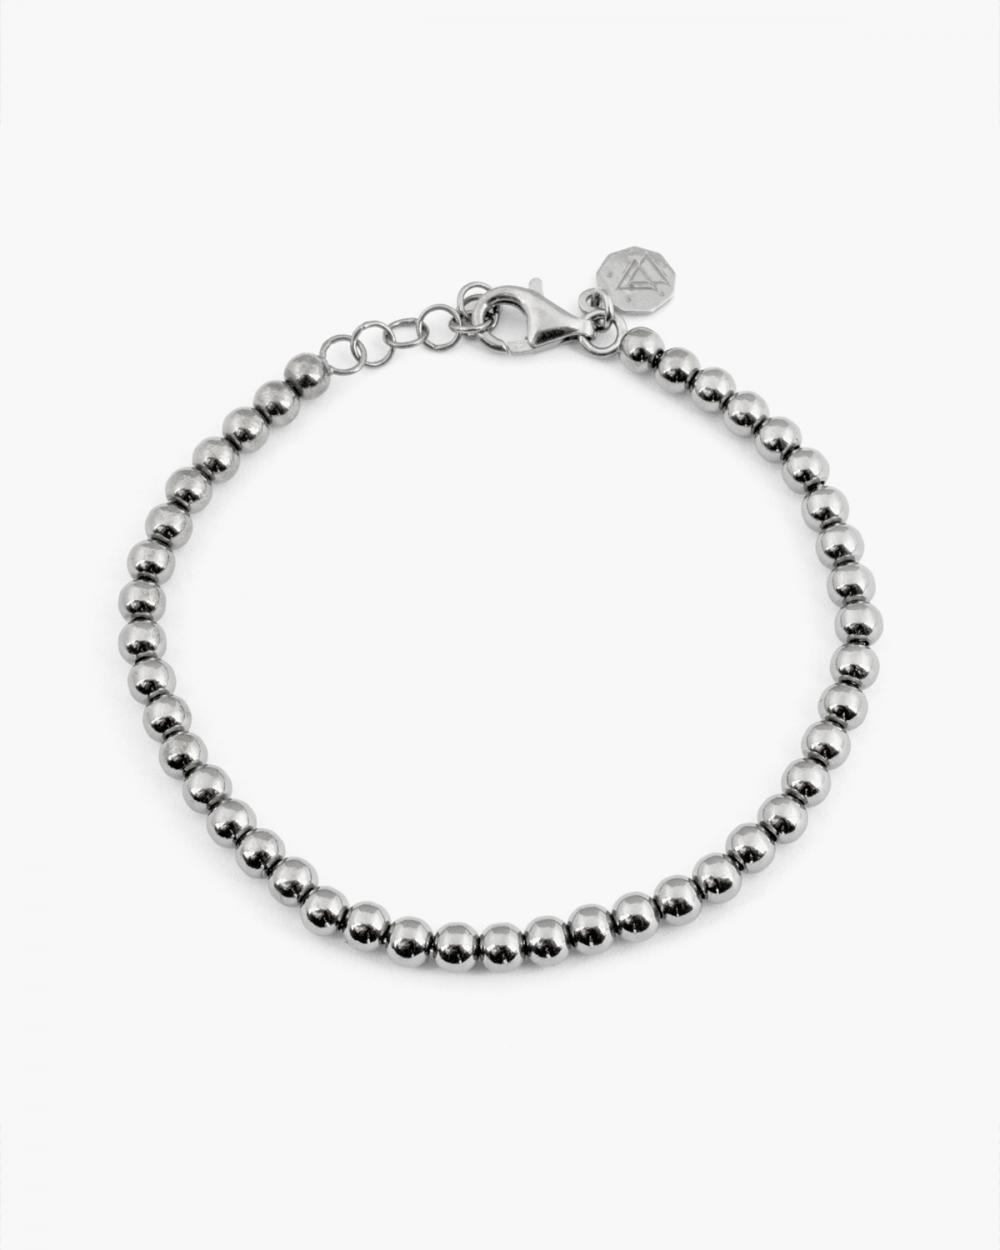 Bracelets SILVER BALL BRACELET 400 NOVE25